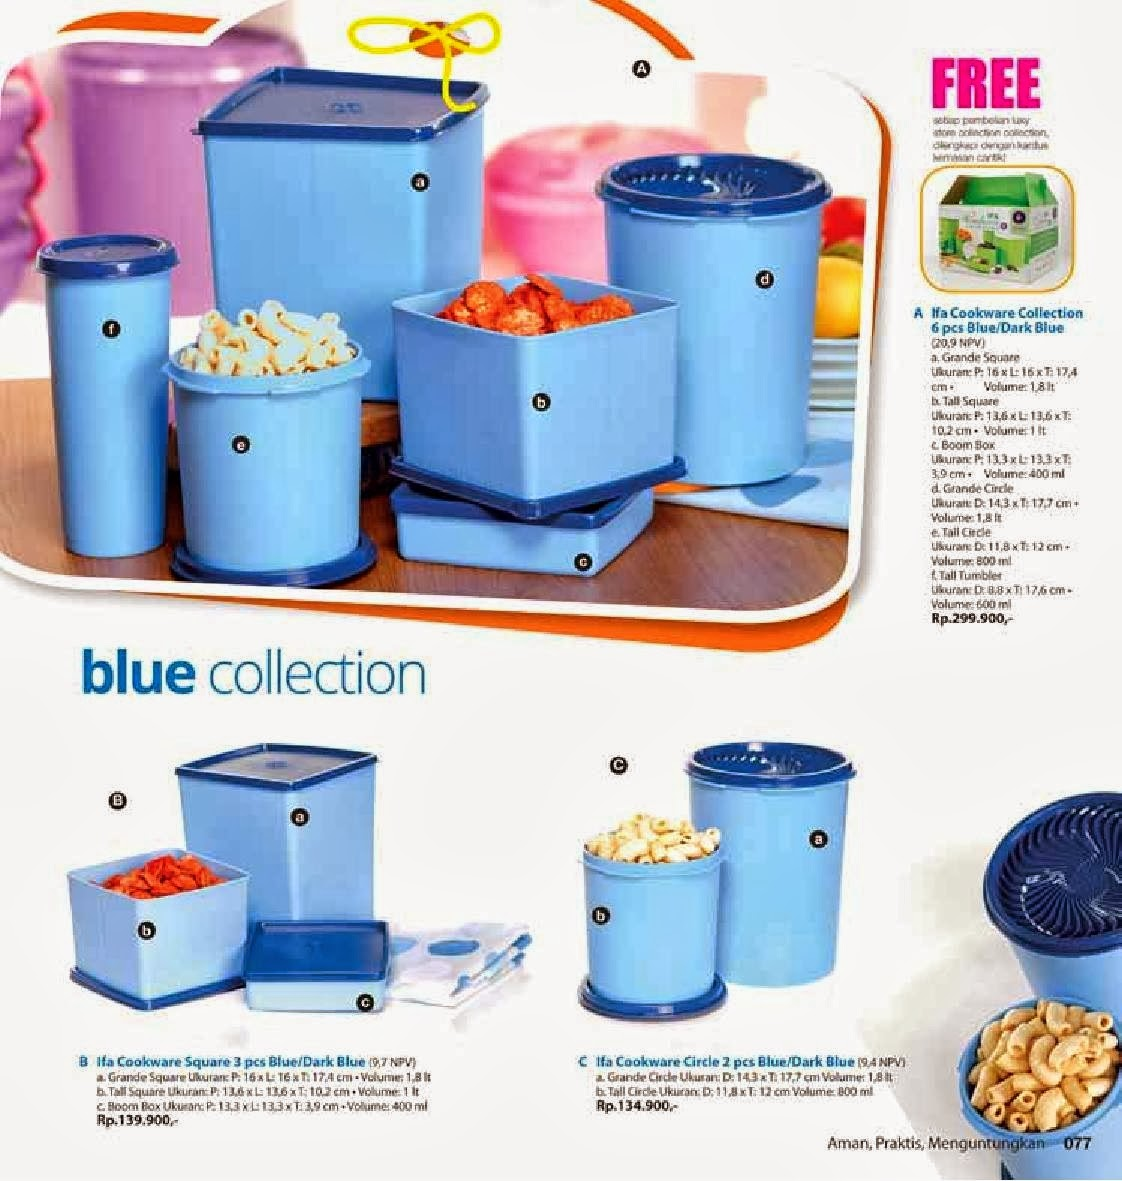 Paket Ifa Cookware yang menarik. Dengan pilihan warna cantik memikat e0a38f12e4